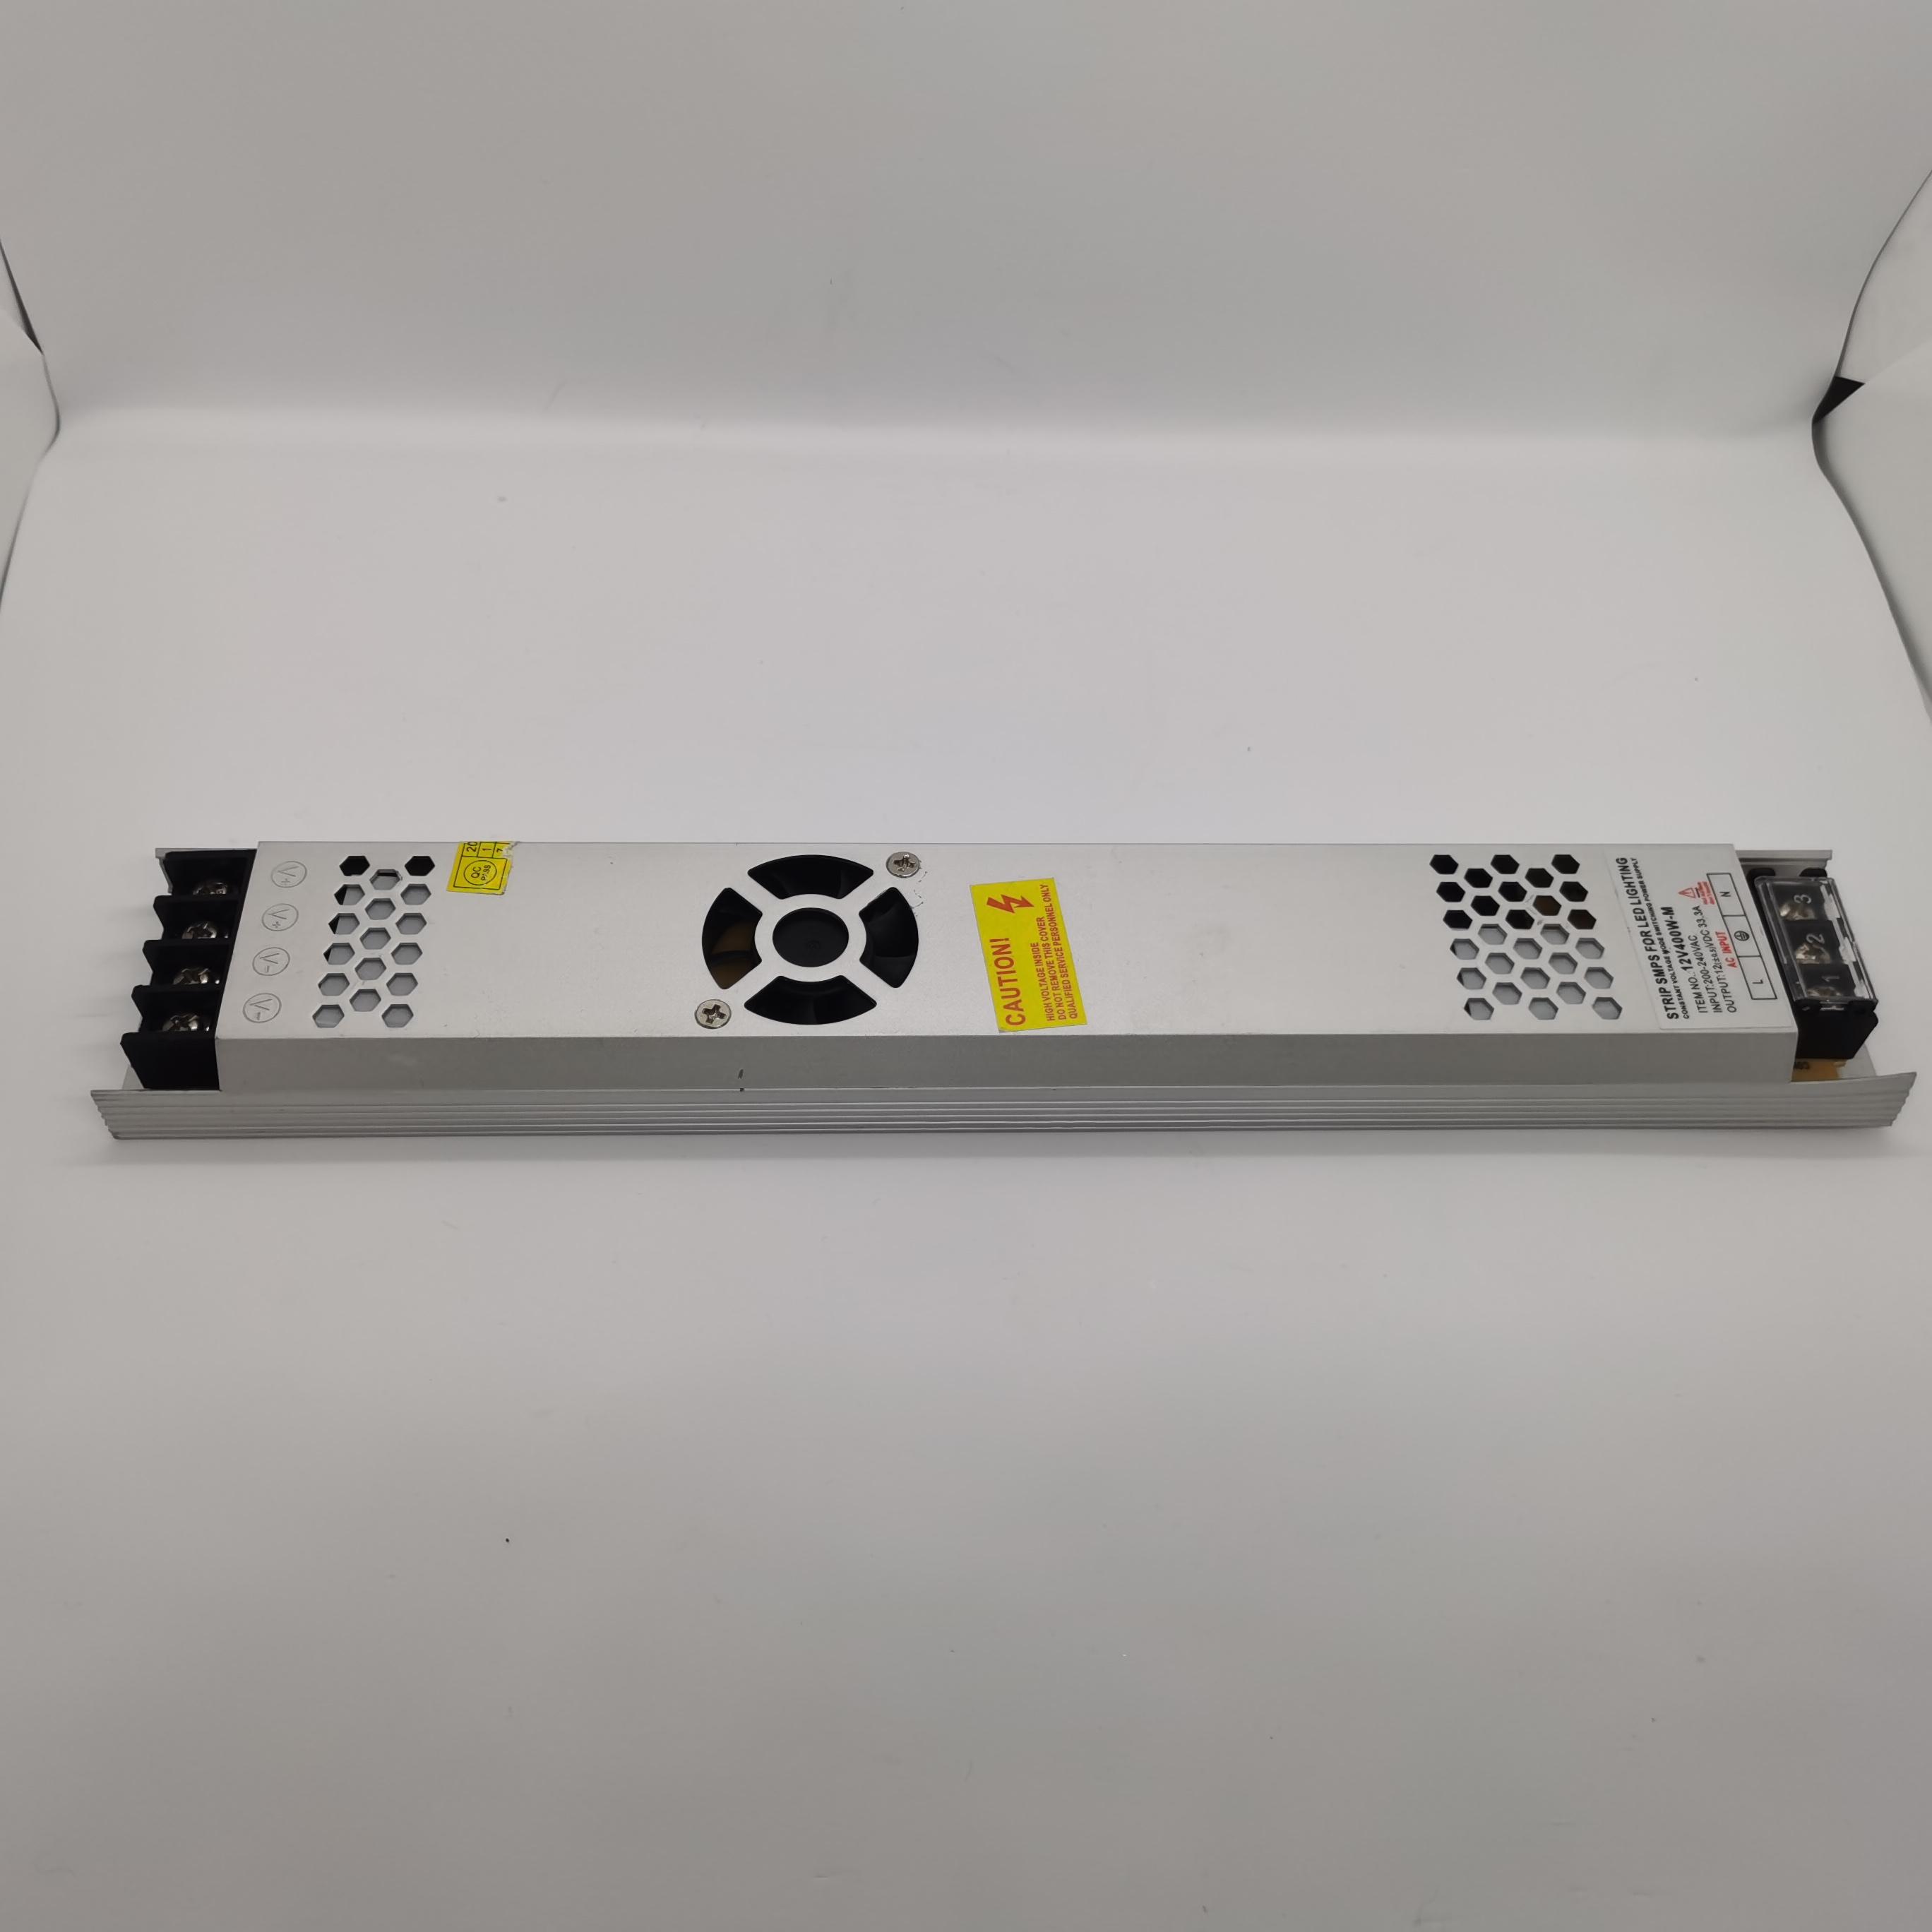 LED灯灯箱专用电源 DC 12V300W  LED开关电源 安防/适配器电源